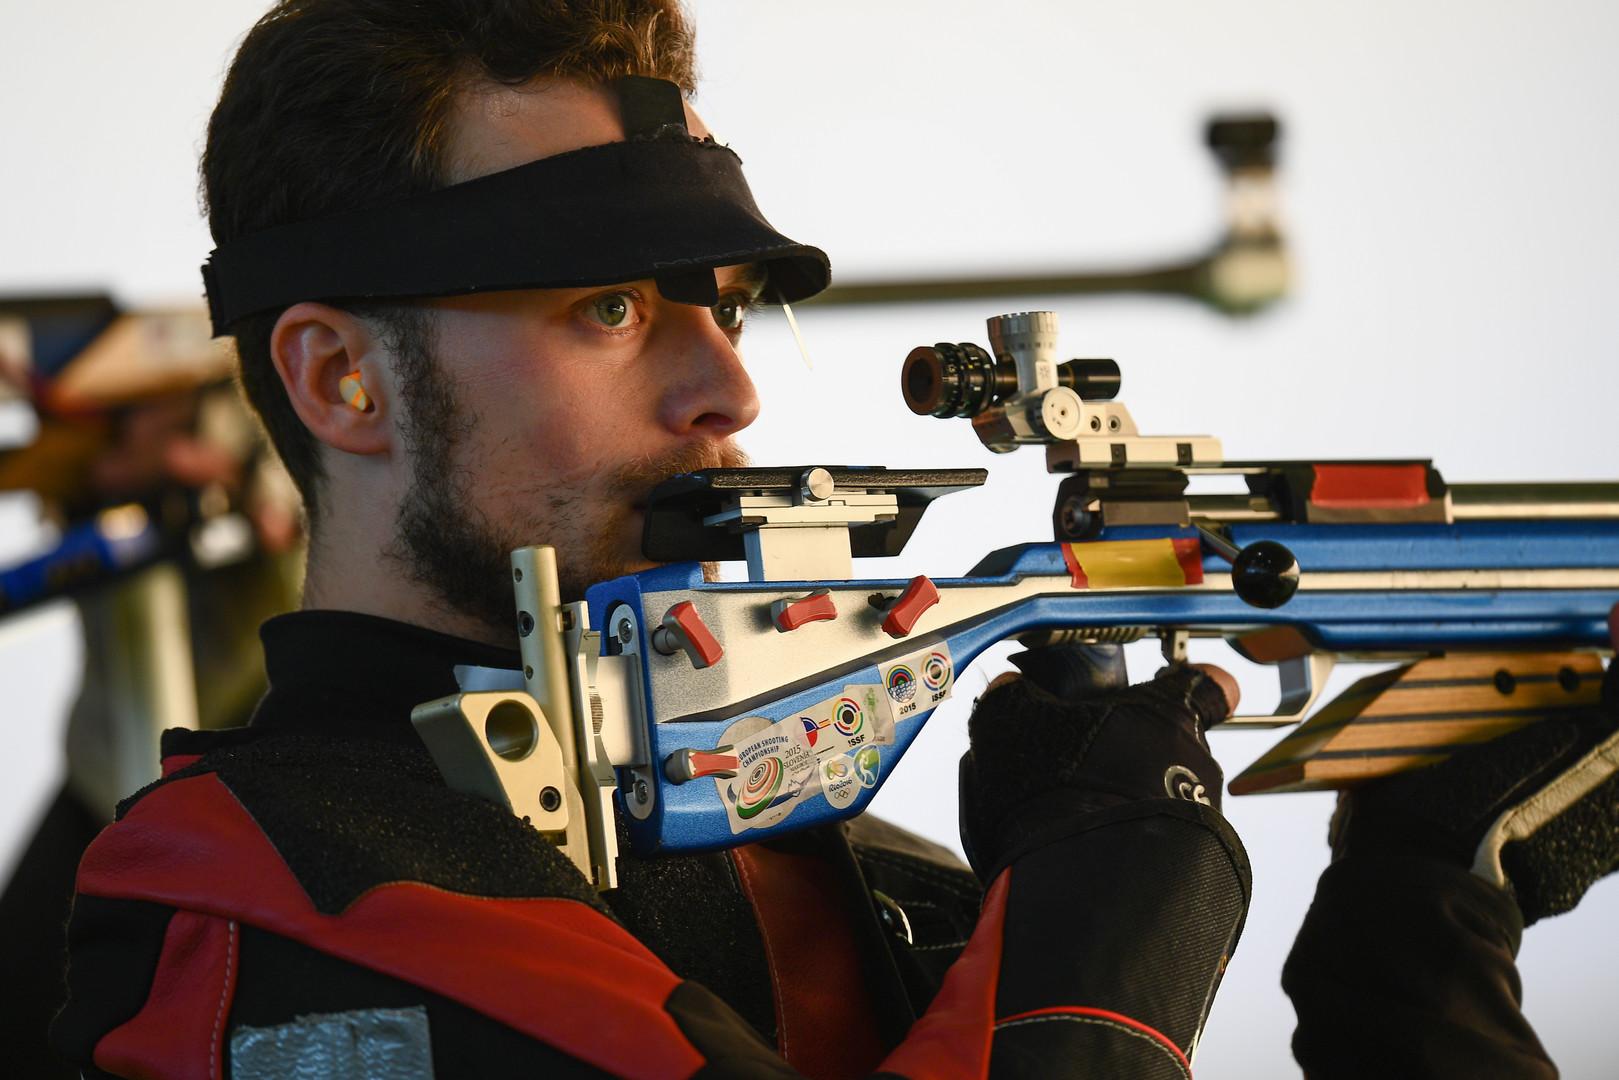 Россиянин завоевал серебро на соревнованиях по стрельбе из винтовки в Рио